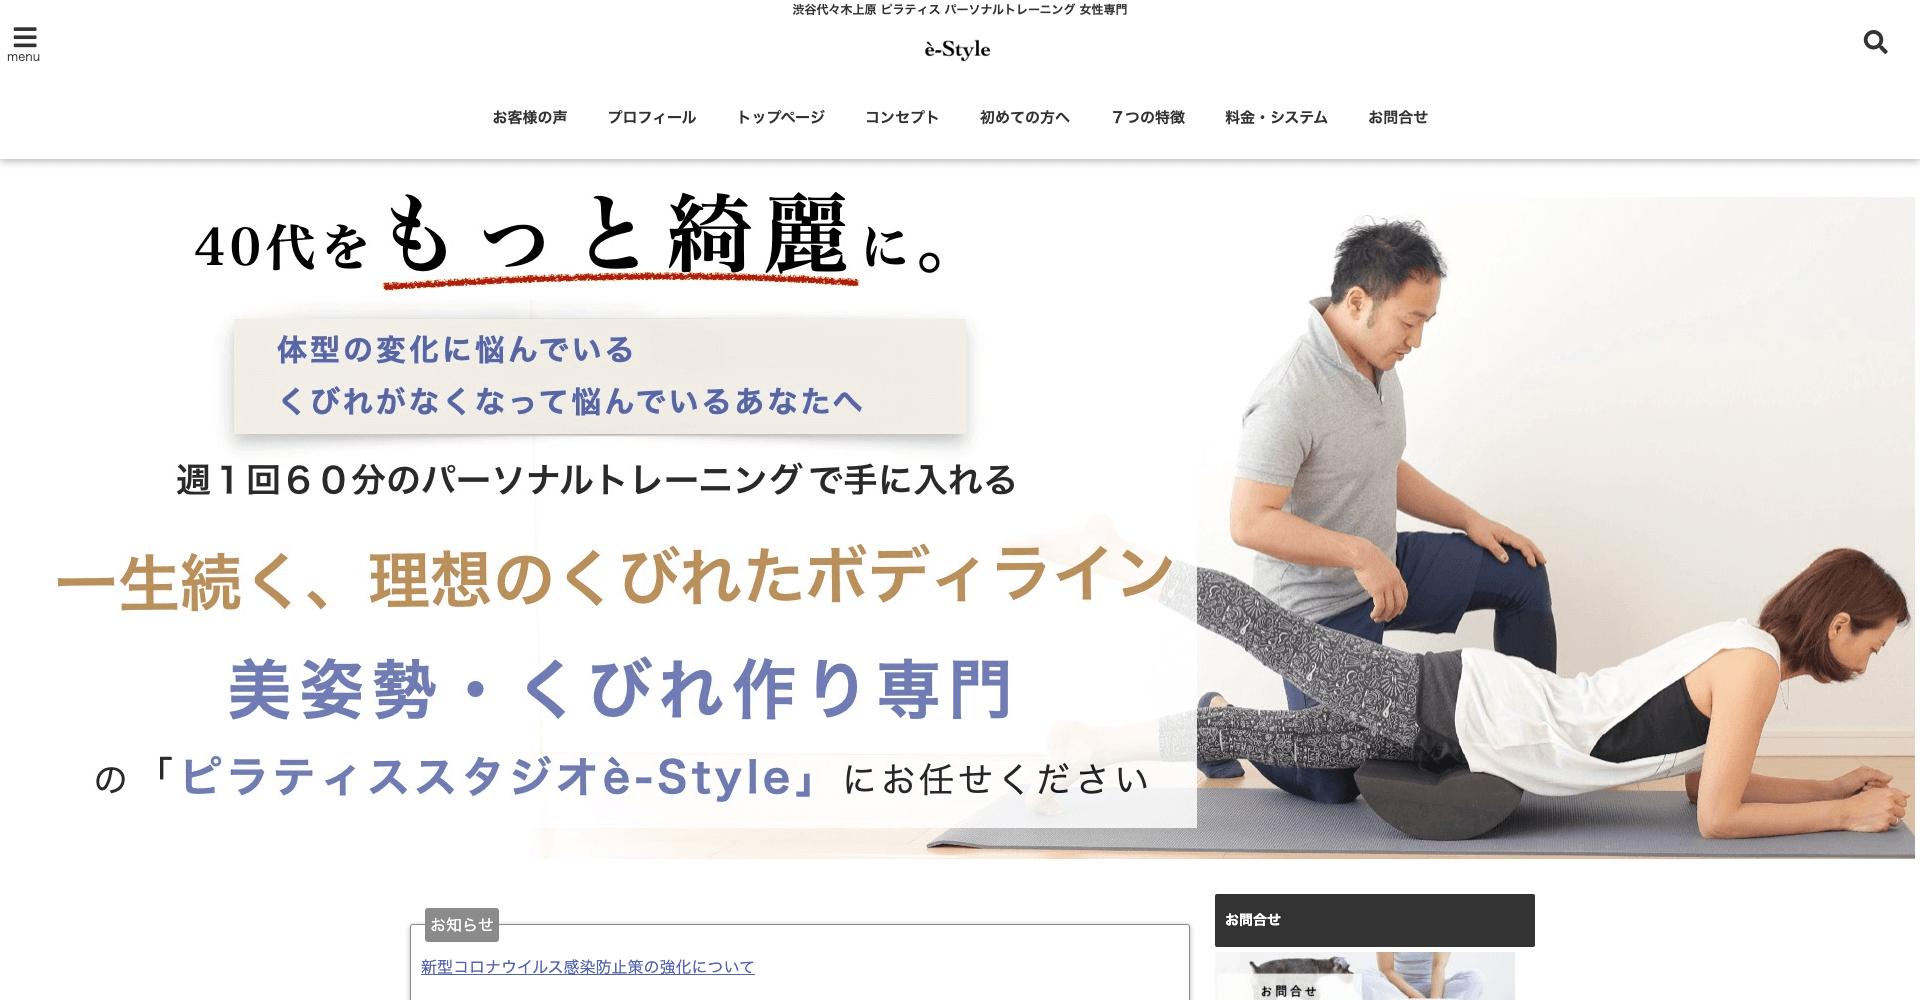 è-Style 代々木上原